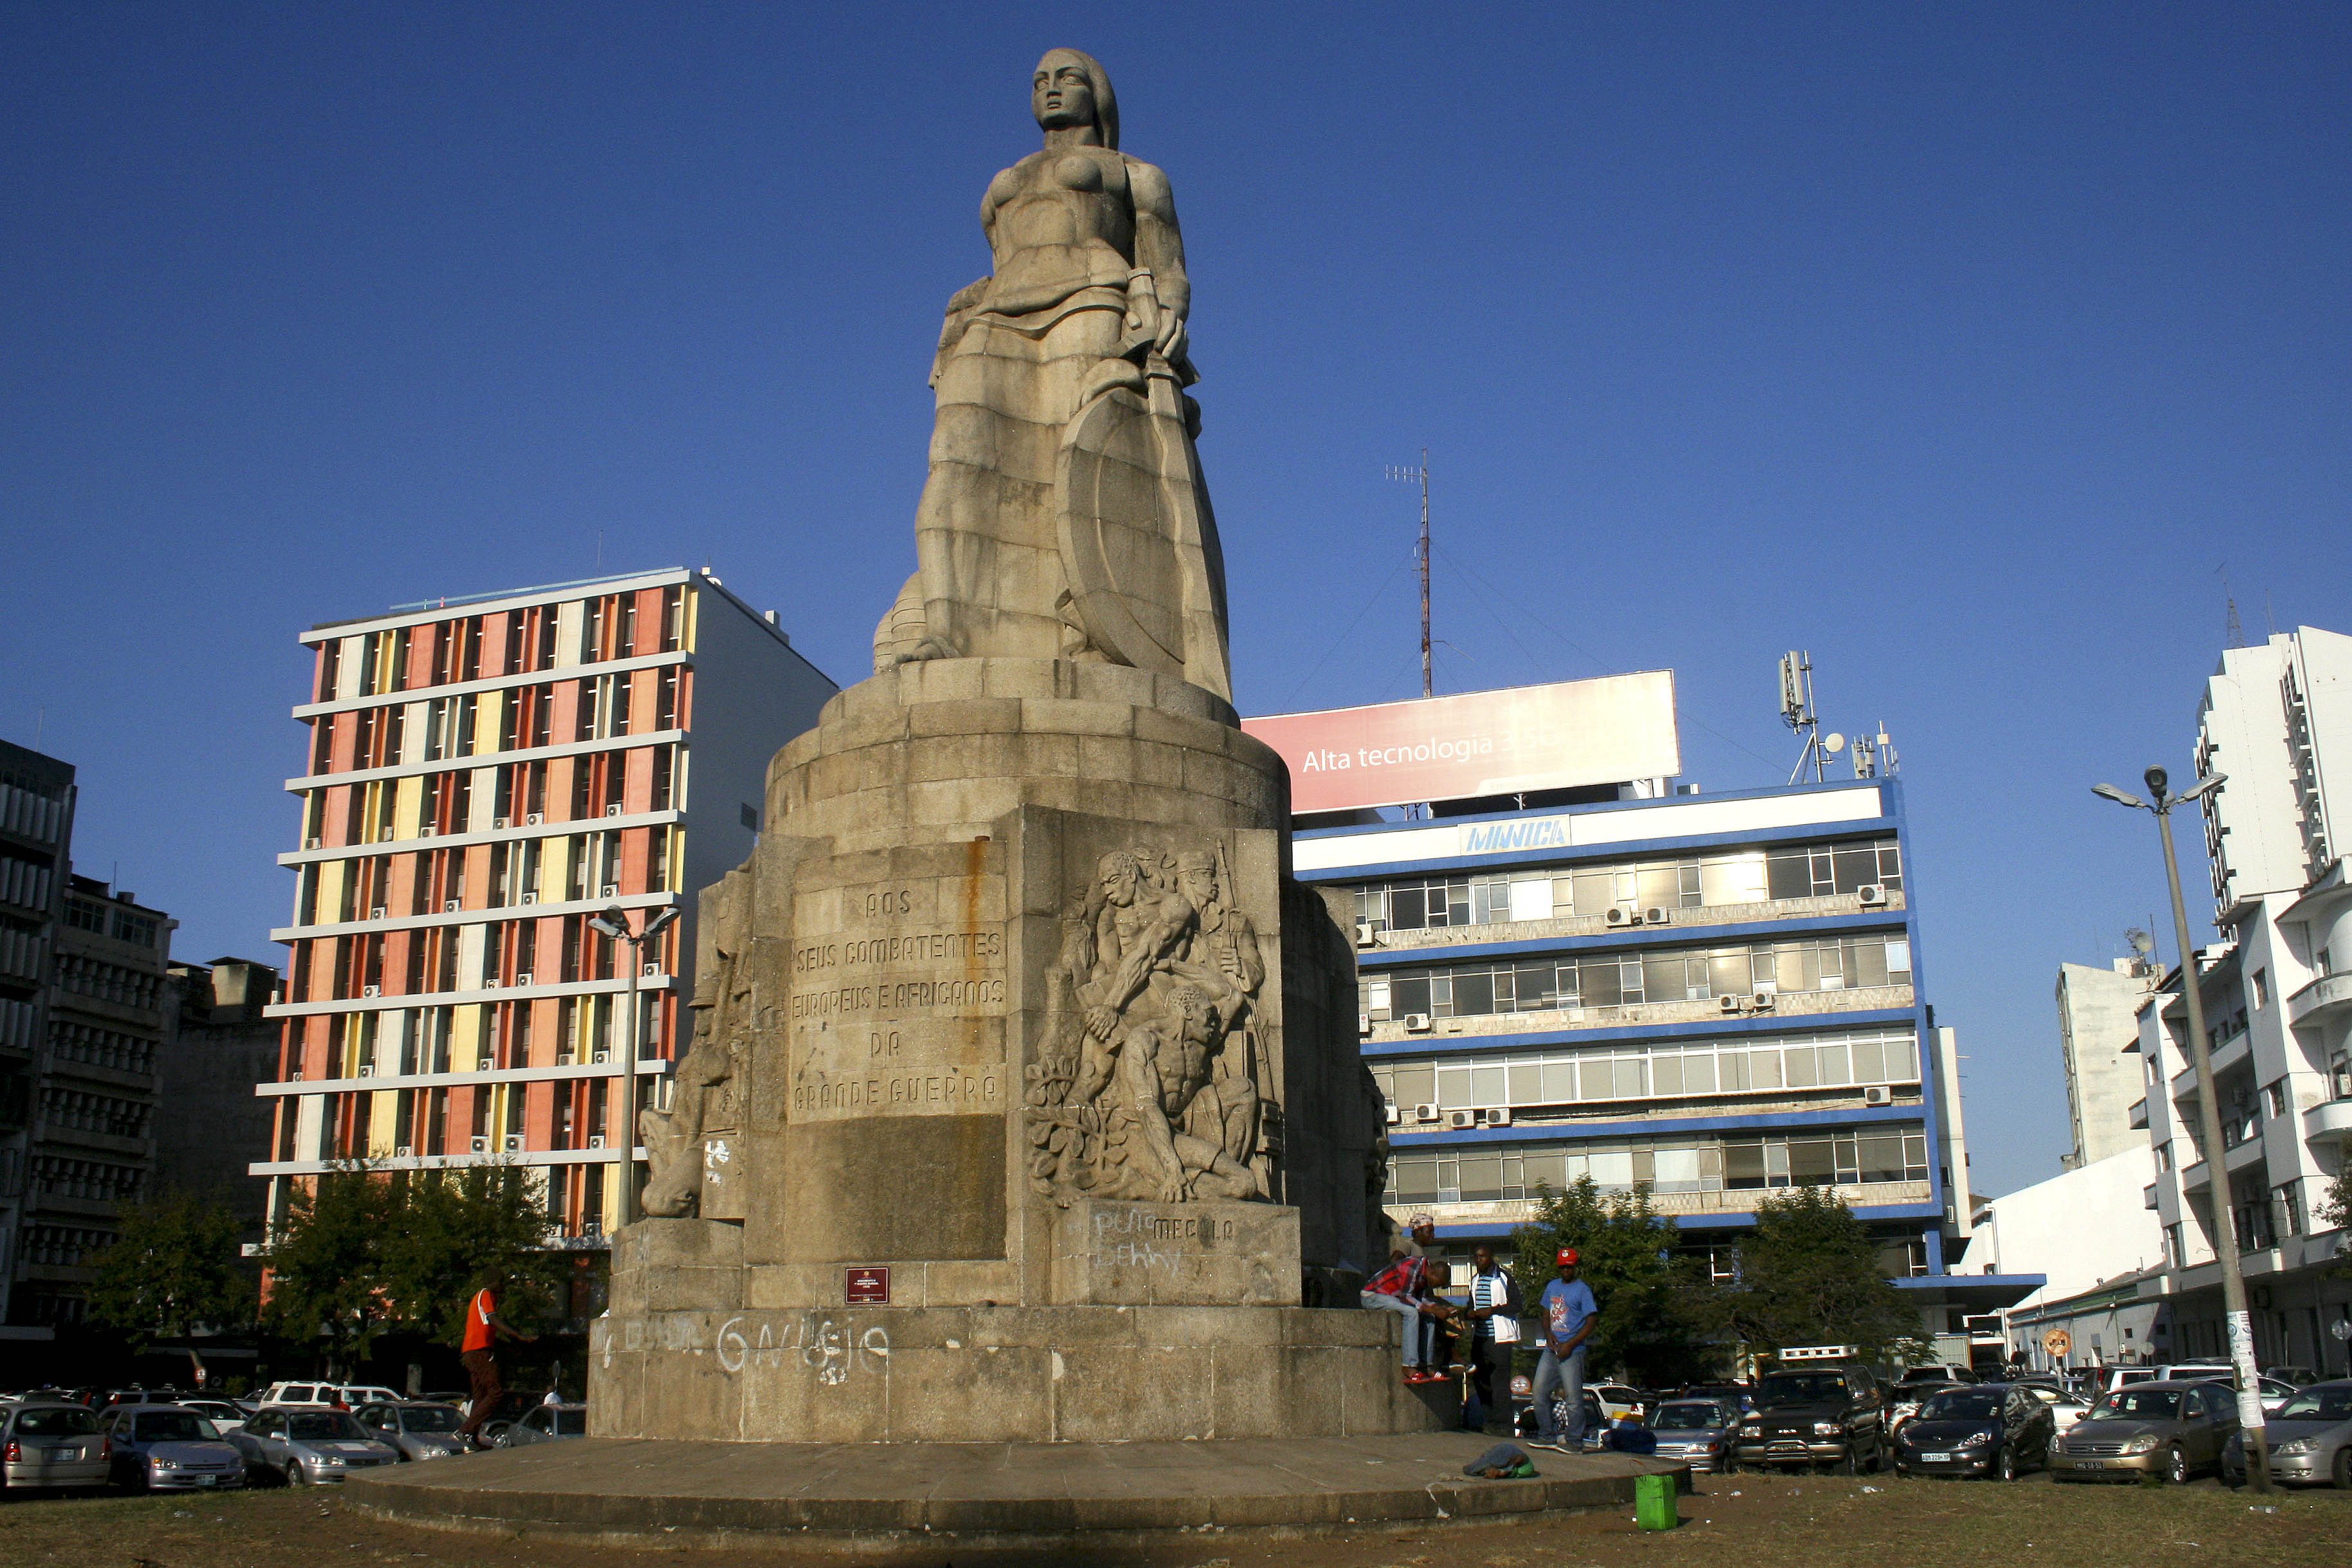 """Empresas participadas pelo Estado não podem ser um """"fardo"""" - Governo moçambicano"""